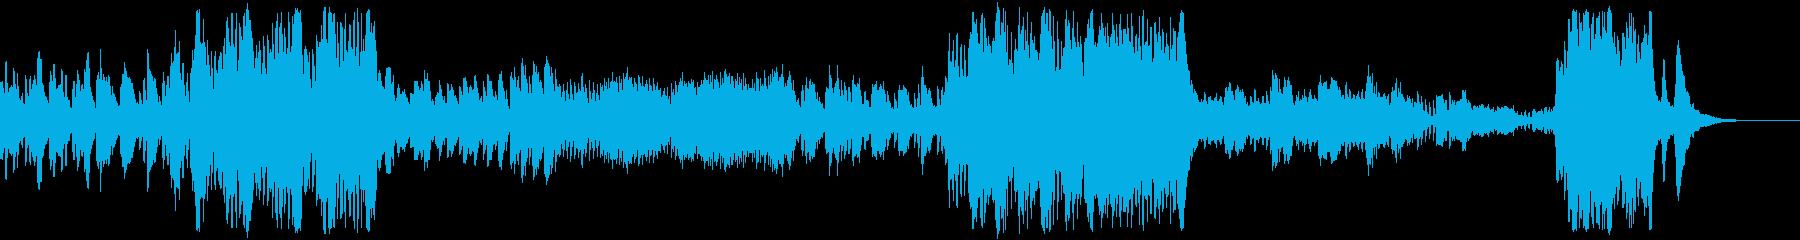 ピアノ協奏曲第22番第3楽章モーツァルトの再生済みの波形